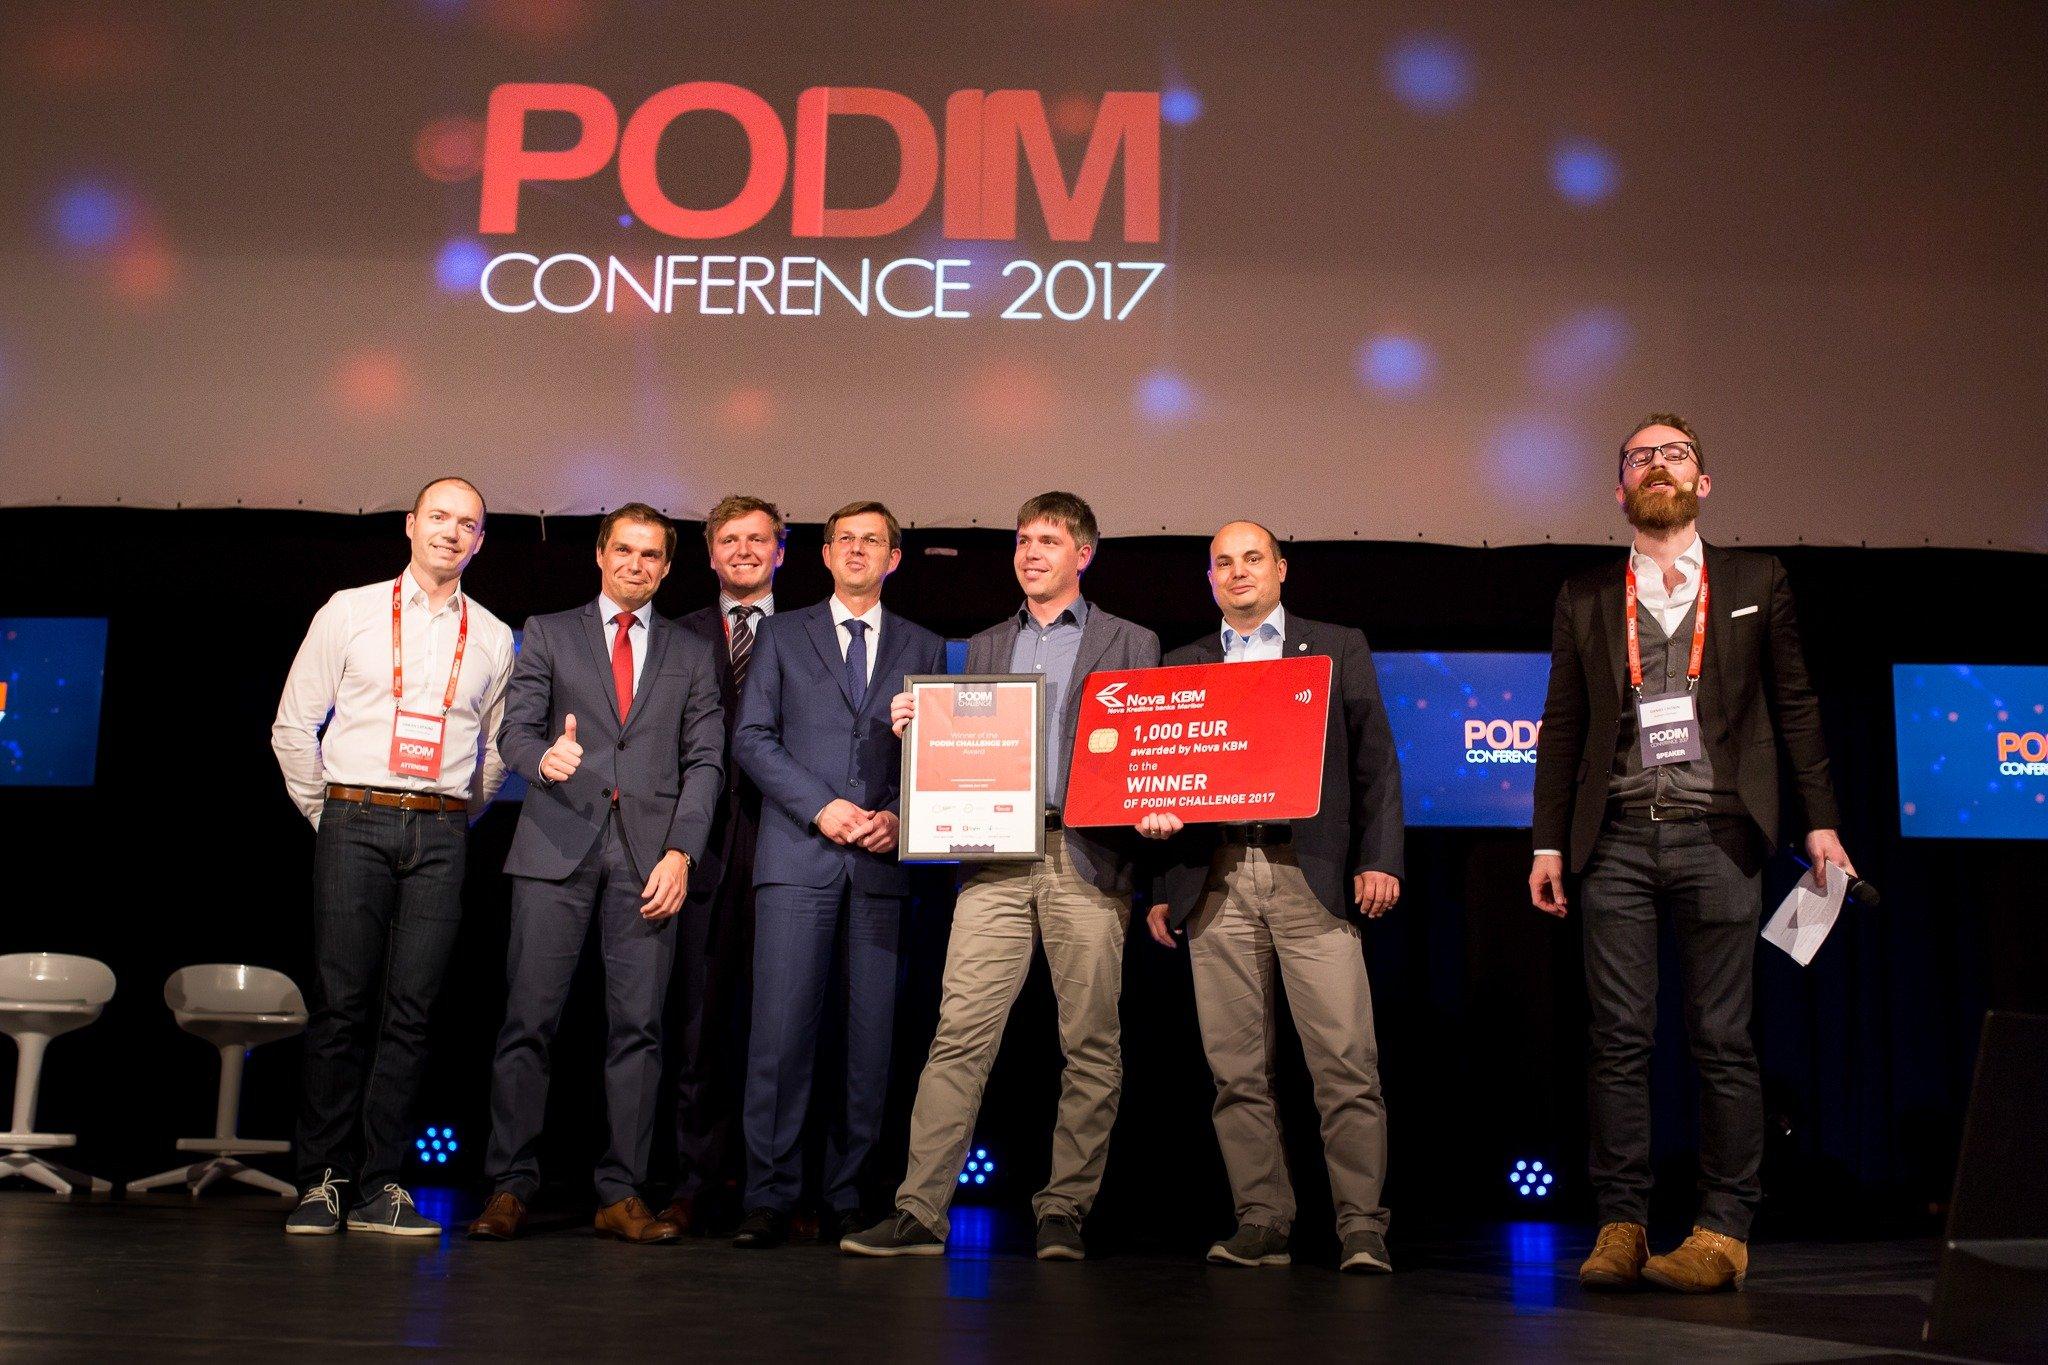 Konferenca PODIM tudi letos ni razočarala